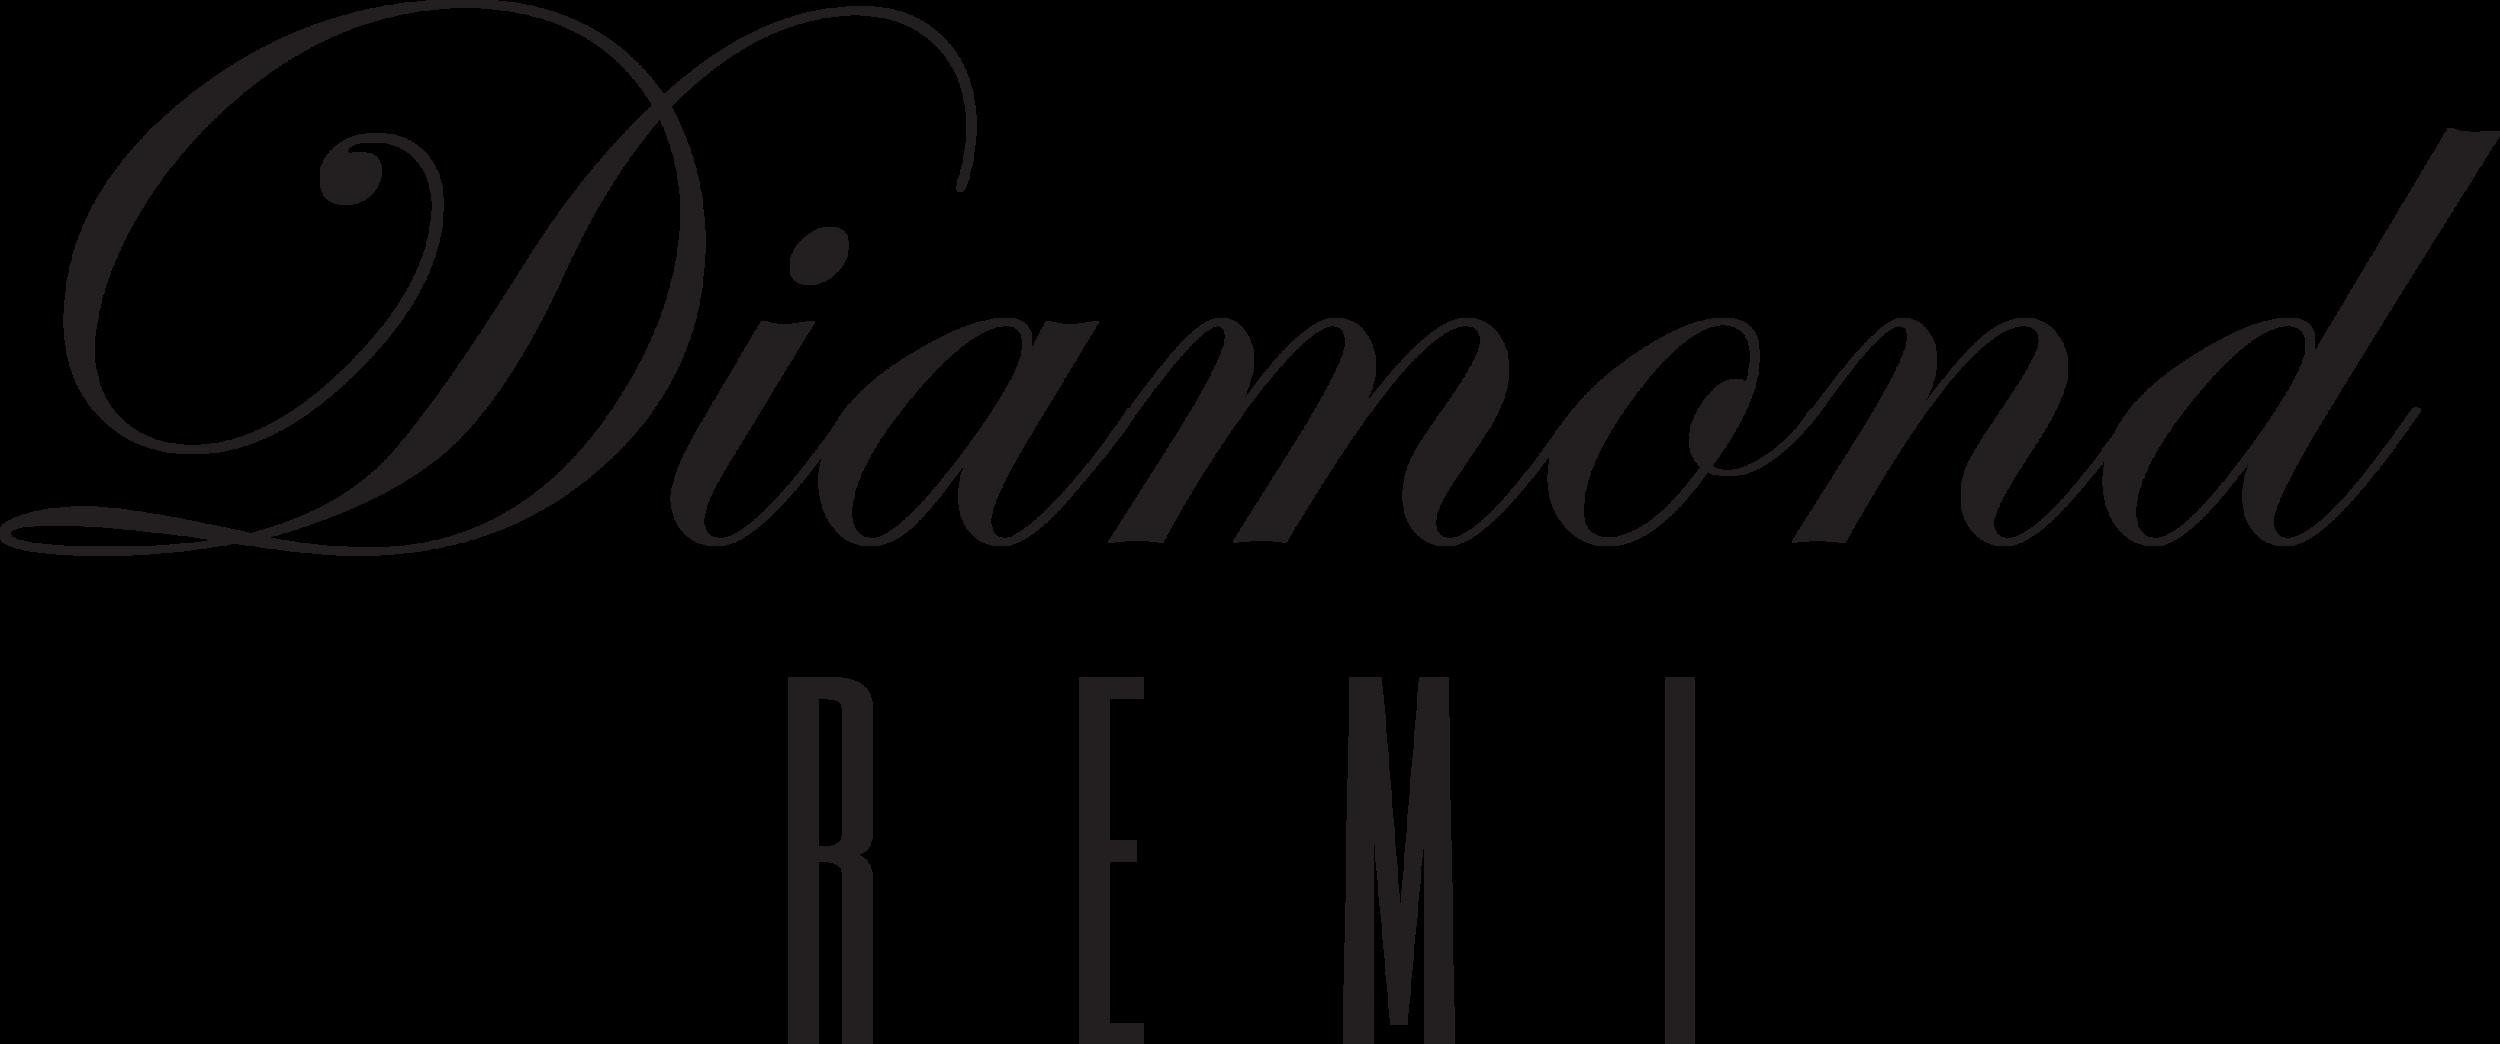 Diamond Remi logo 7 2018.png